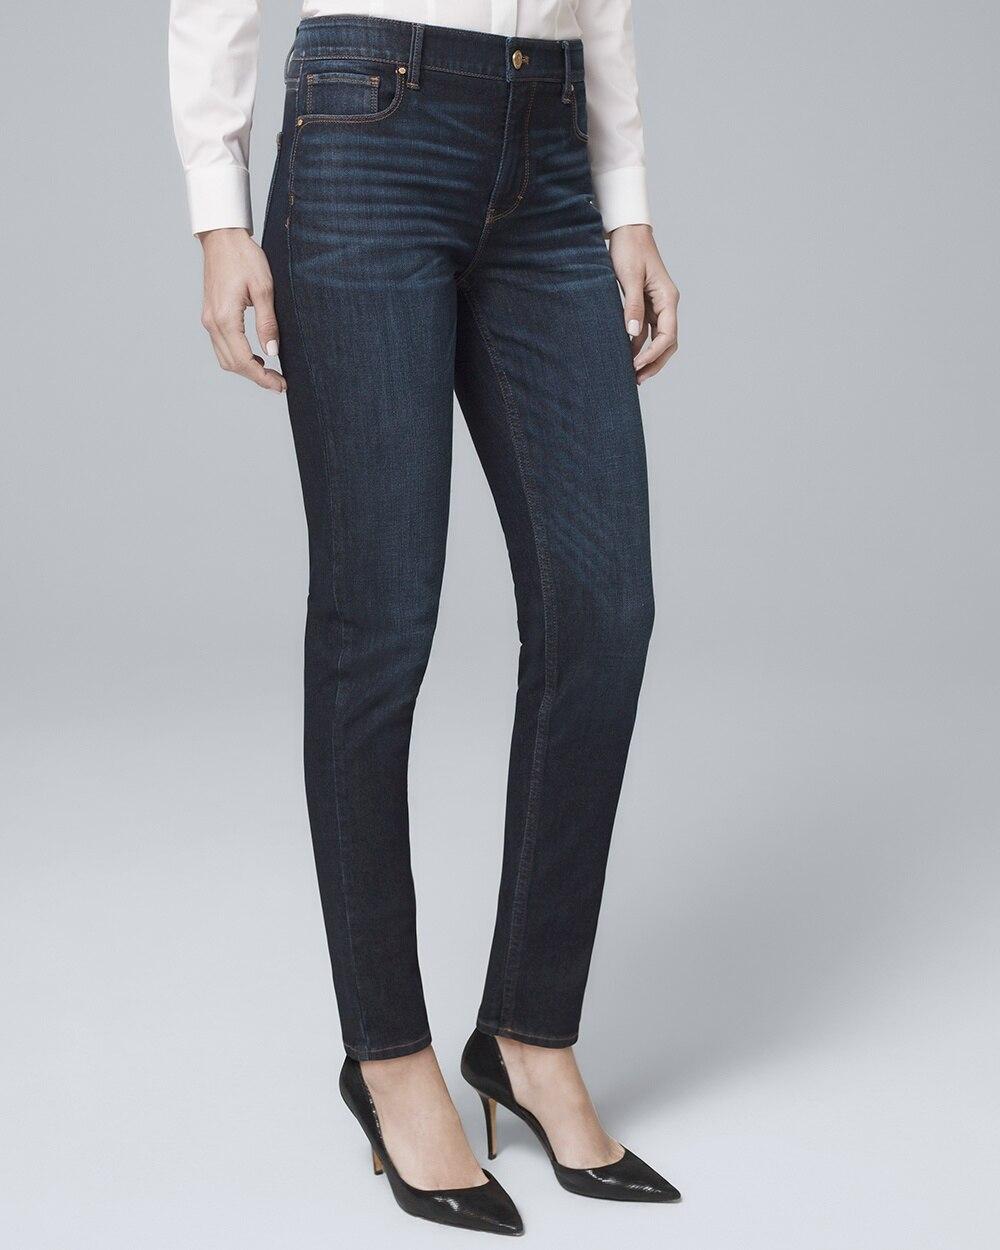 7e7f549ee28 High-Rise Sculpt Fit Slim Jeans - White House Black Market